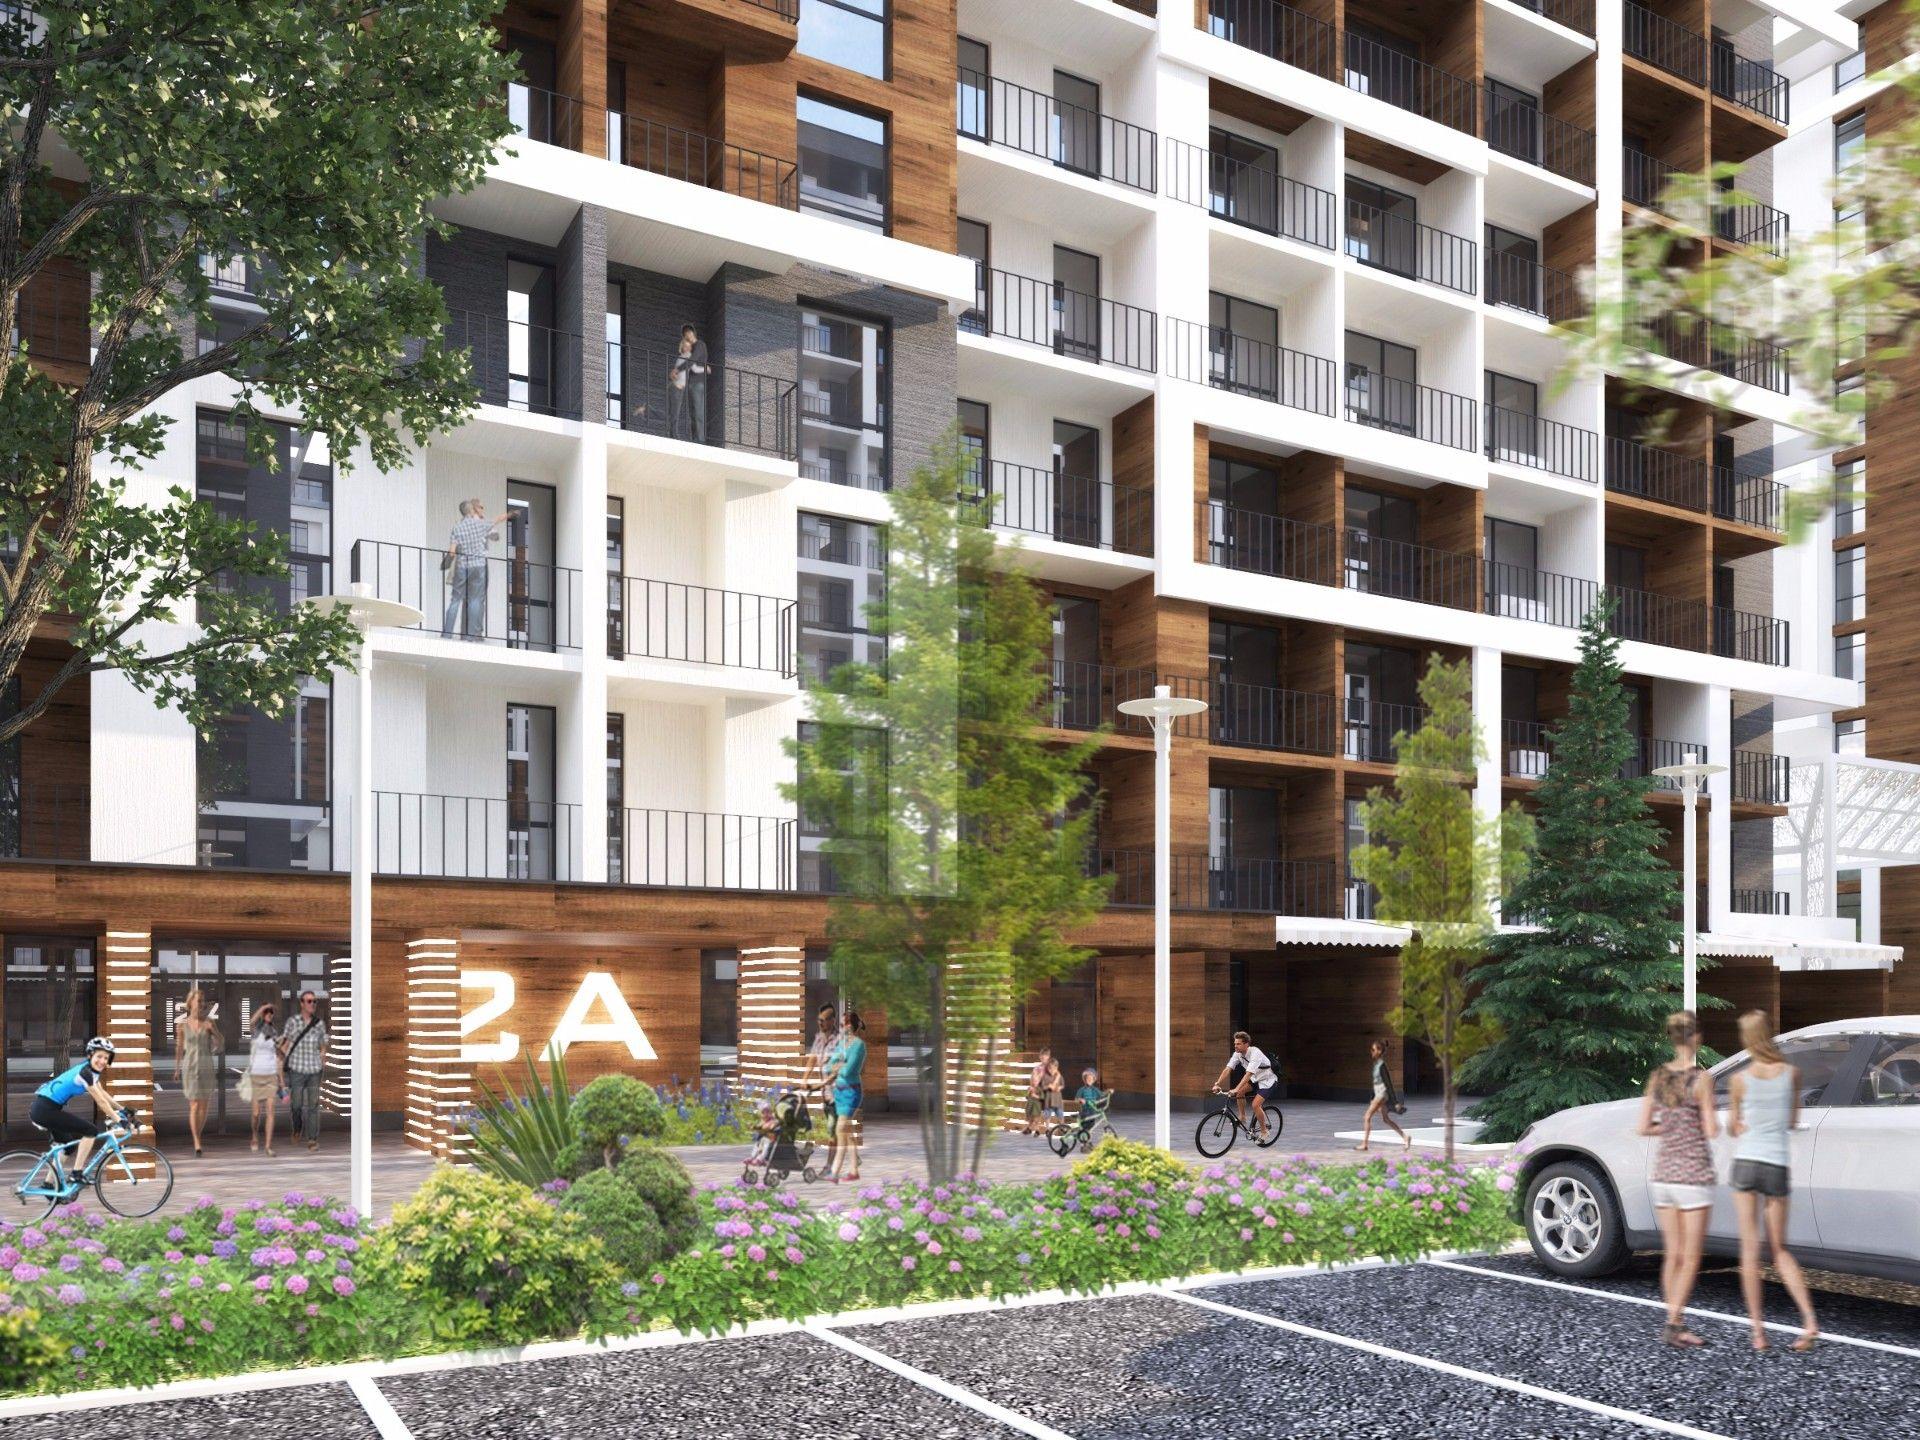 Жк купить от португалия собственника самое дешевое жилье в греции